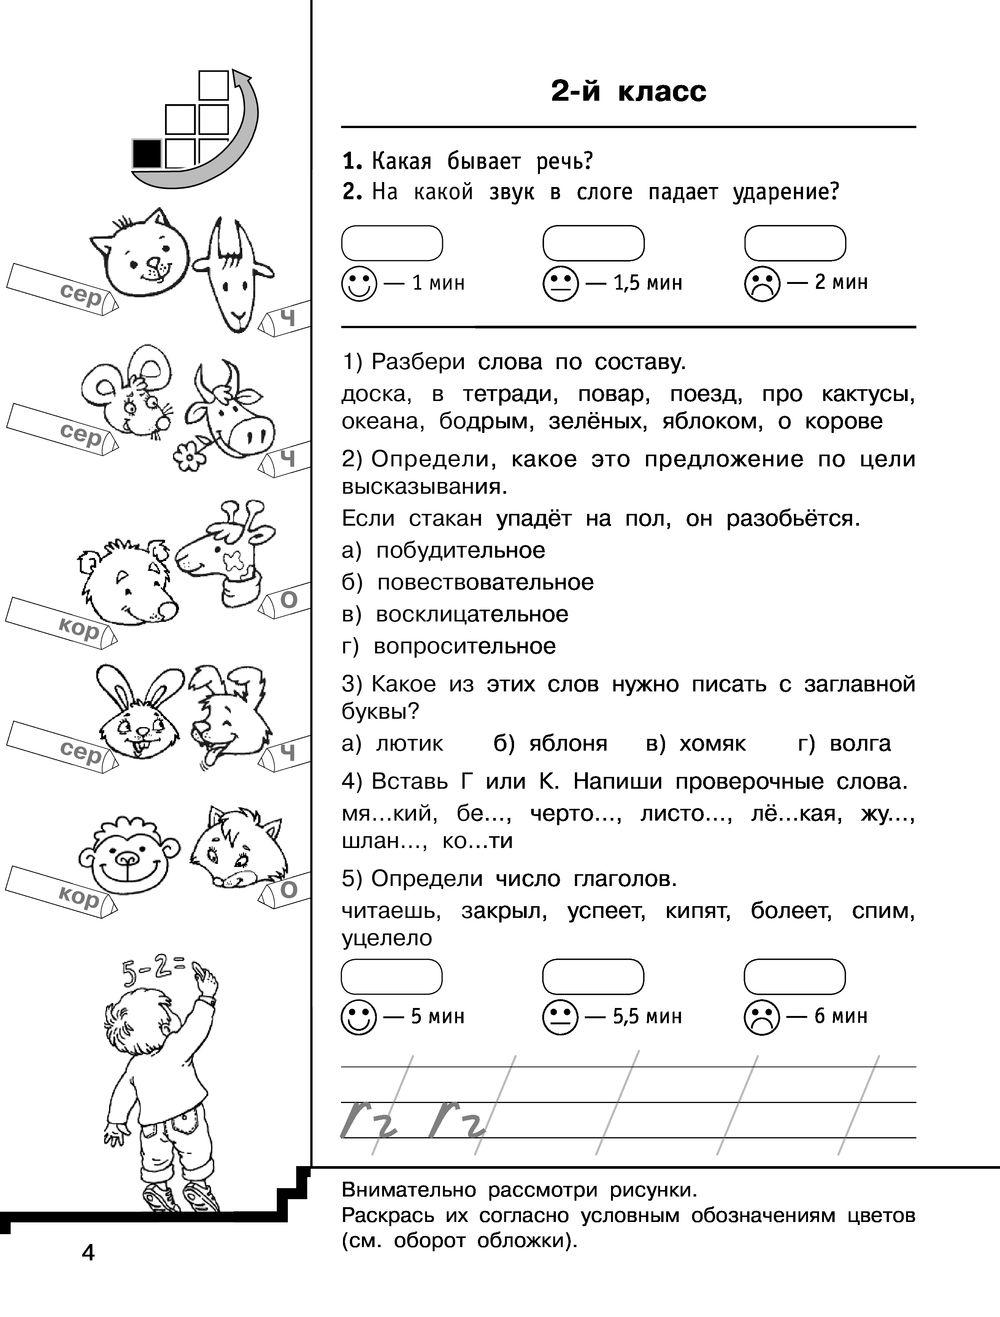 Занимательные задания по русскому языку 2-й класс